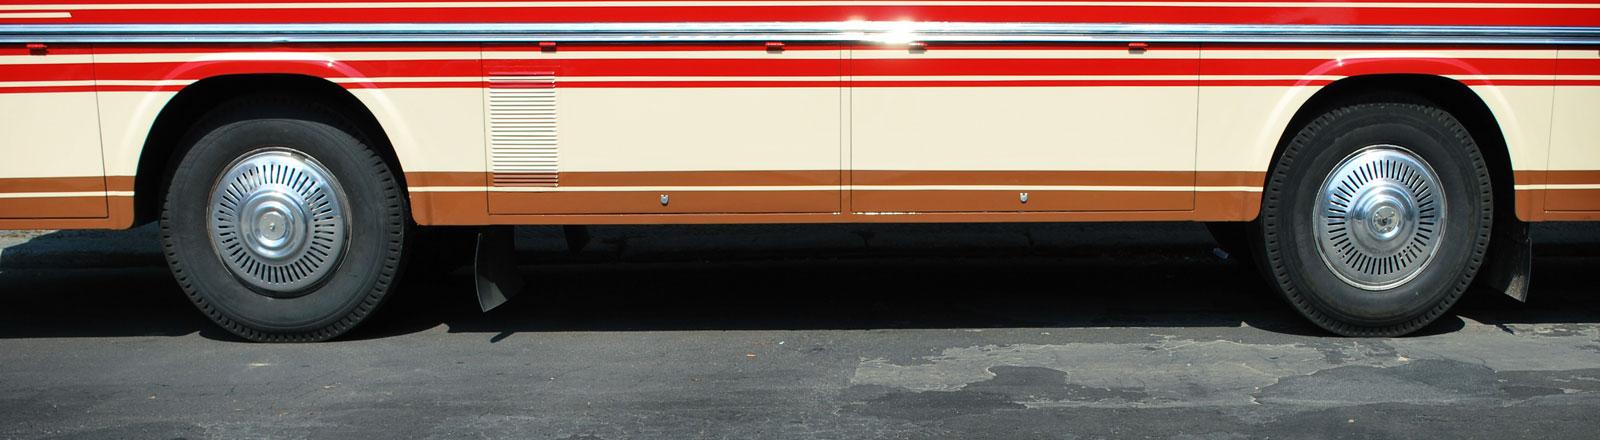 Die Räder eines Busses auf einer Straße